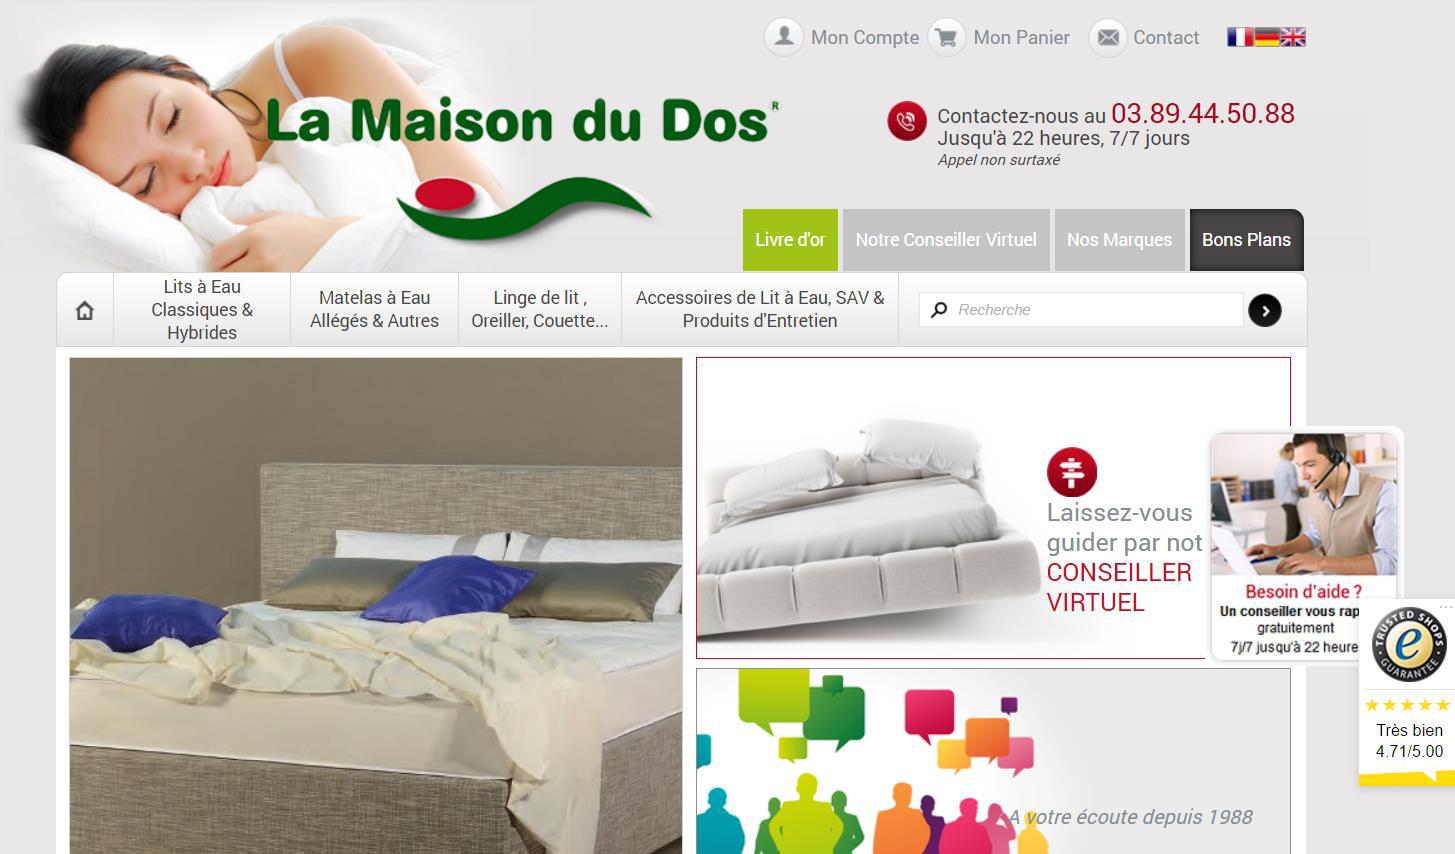 La Maison du dos, client Shop Application utilisant Trusted Shops